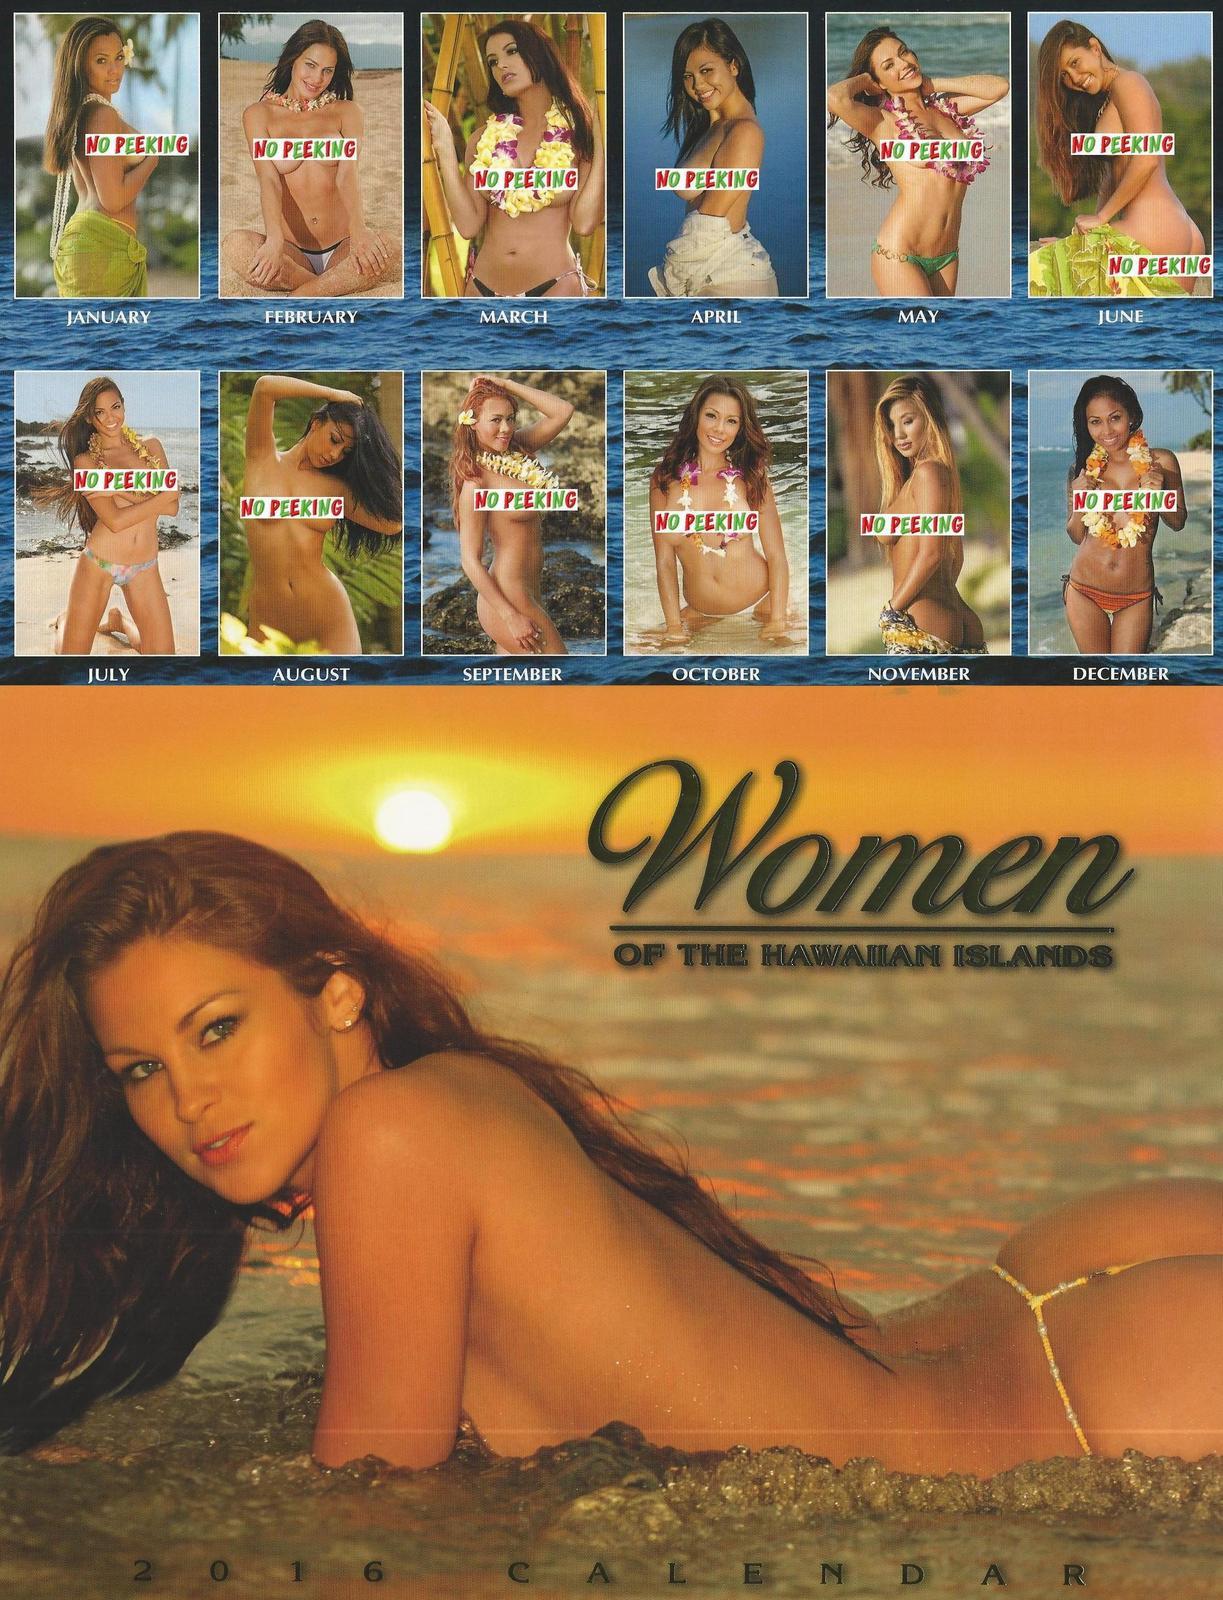 2016 Hawaii Women Of The Hawaiian Islands 12 And 50 -7933